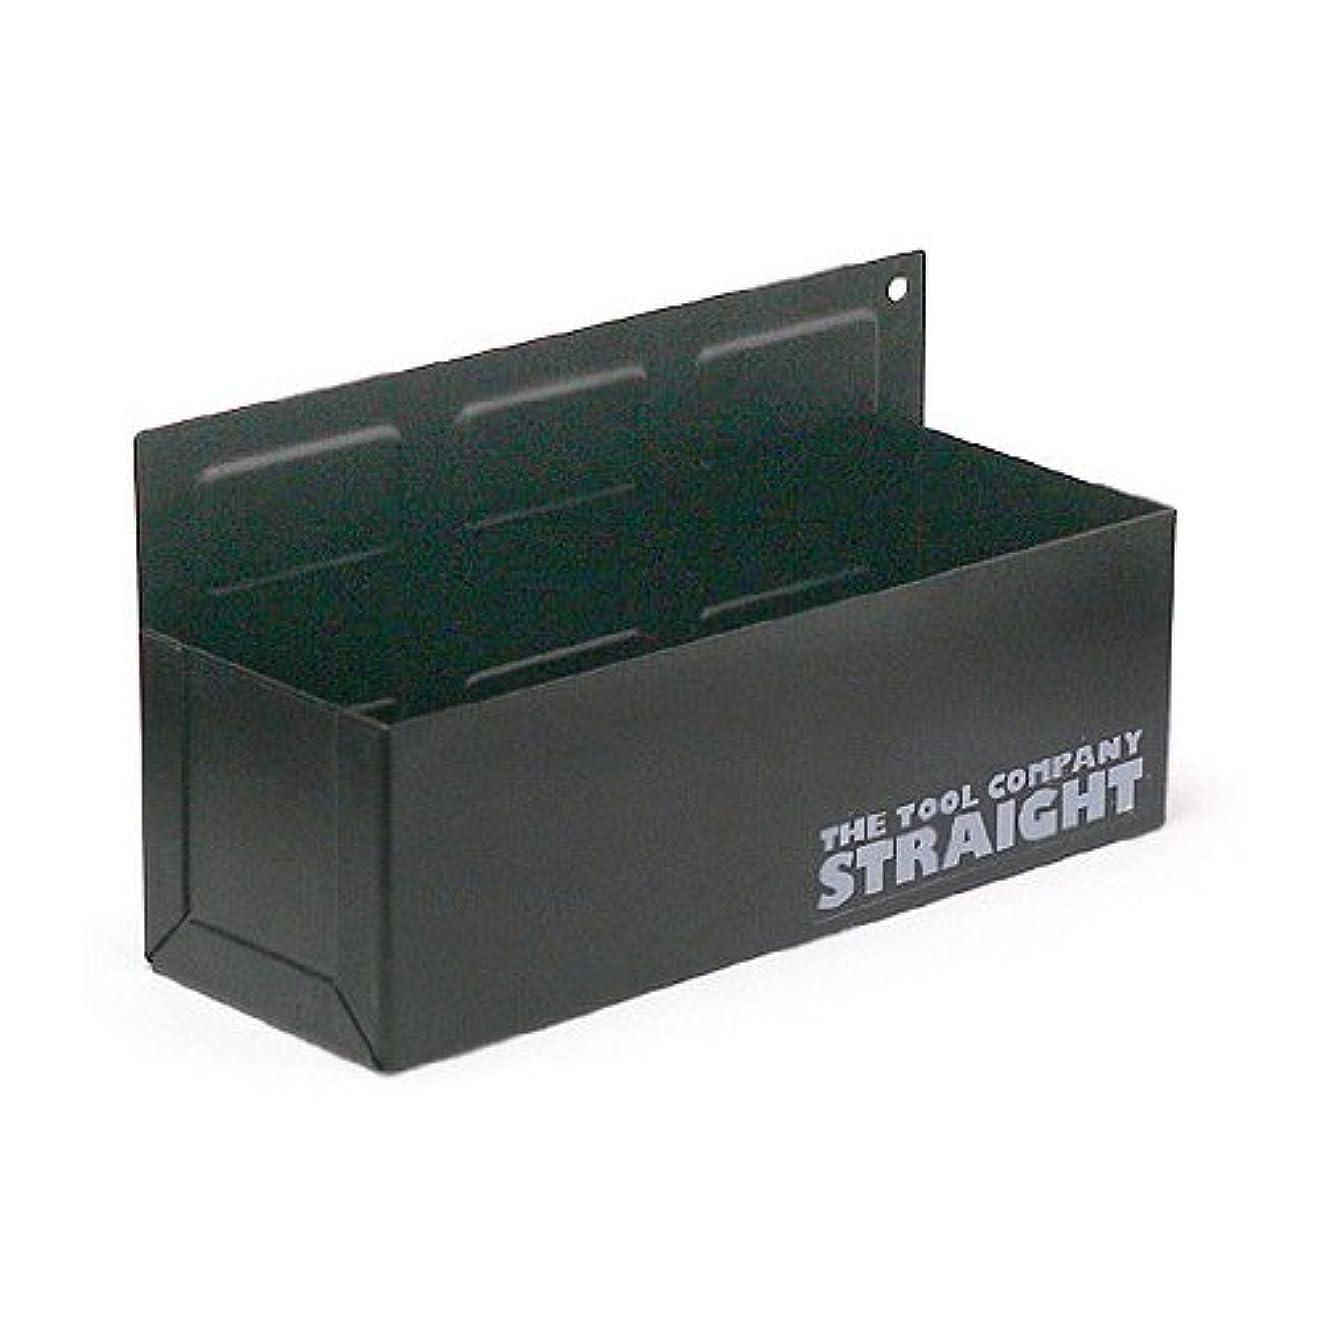 ケージ遺棄された間違い(STRAIGHT/ストレート) スプレー缶ホルダー ブラック 09-5015